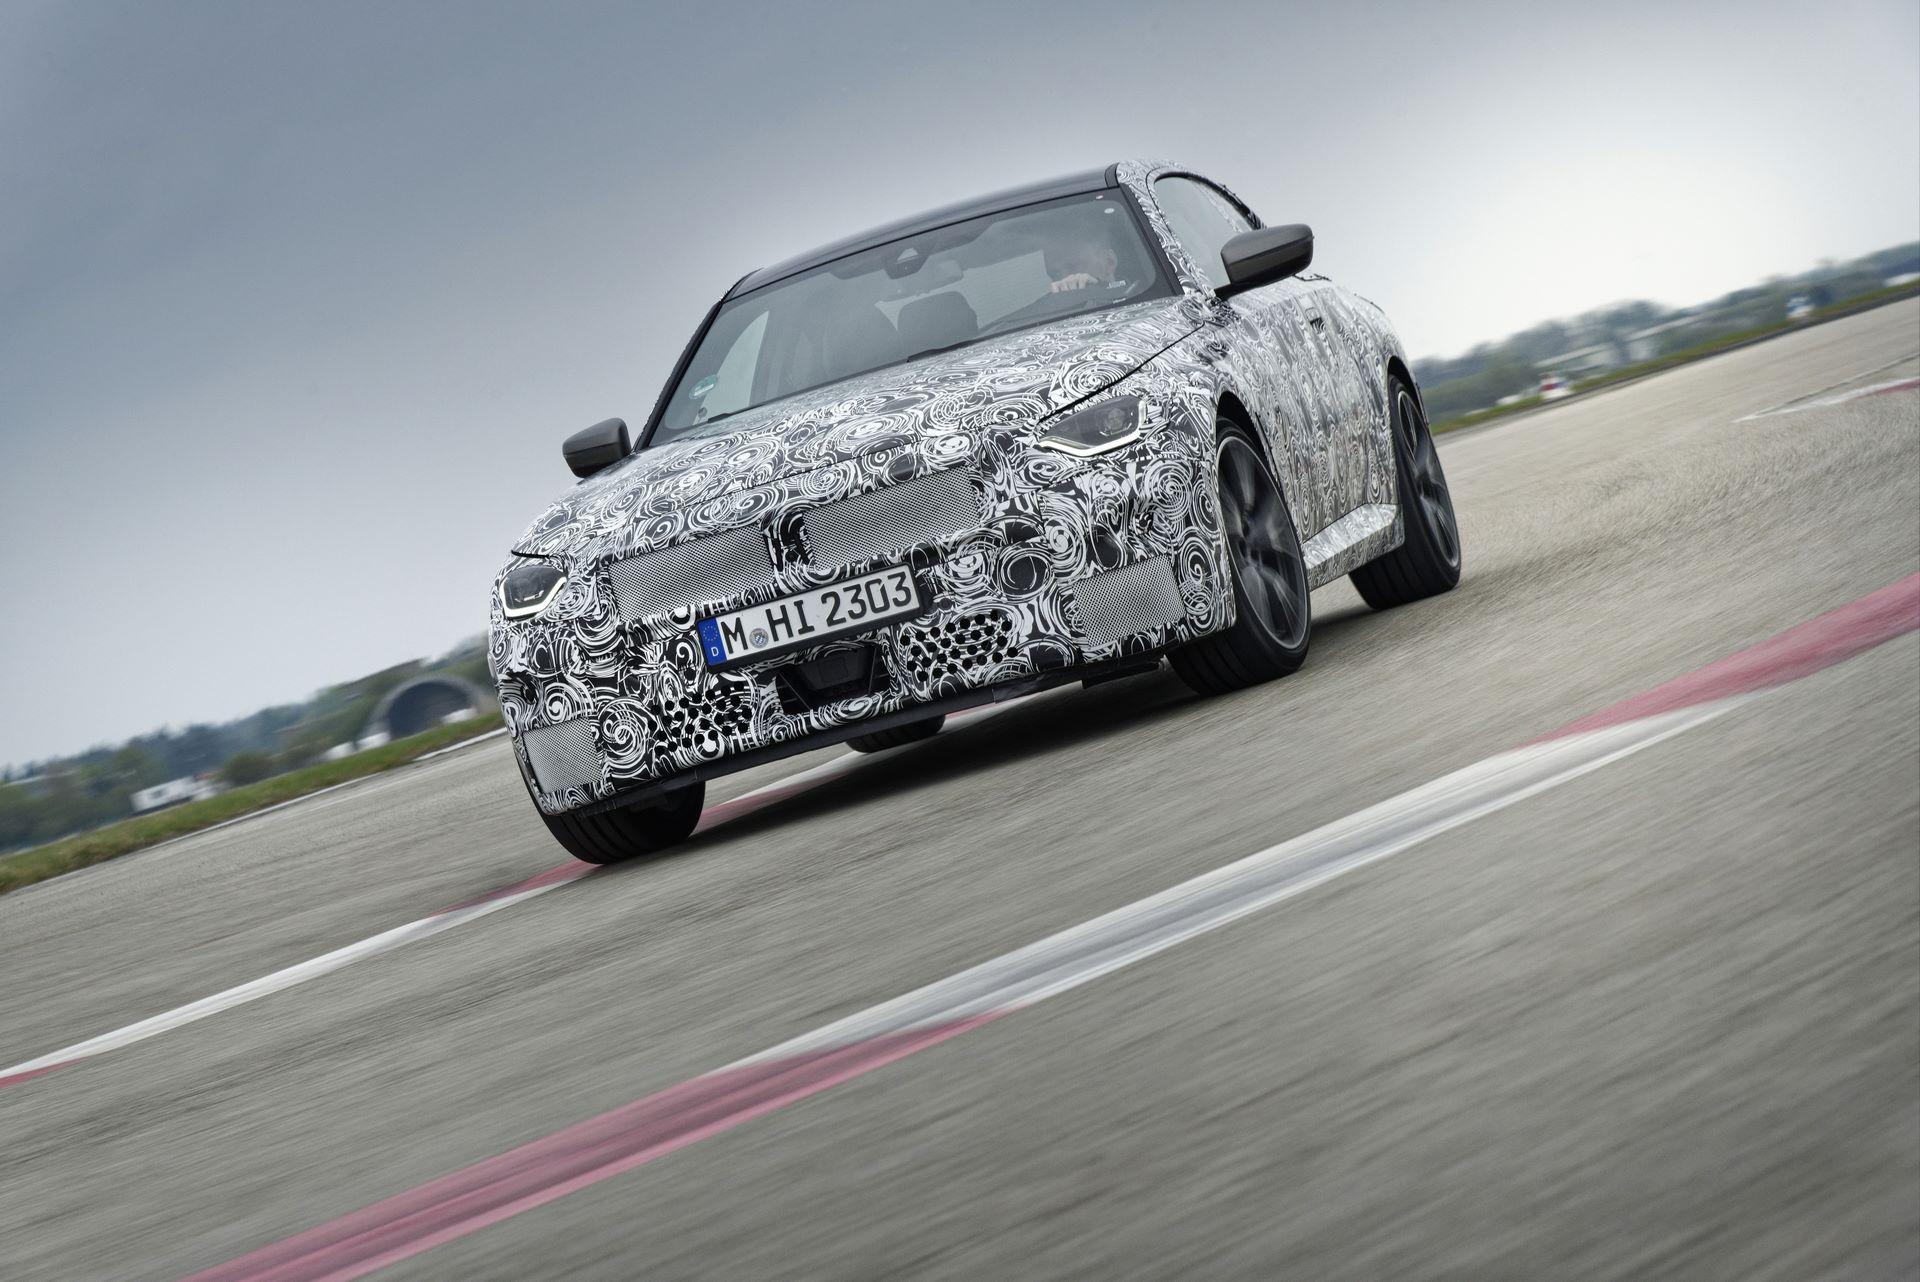 BMW-2-Series-M240i-spy-photos-72